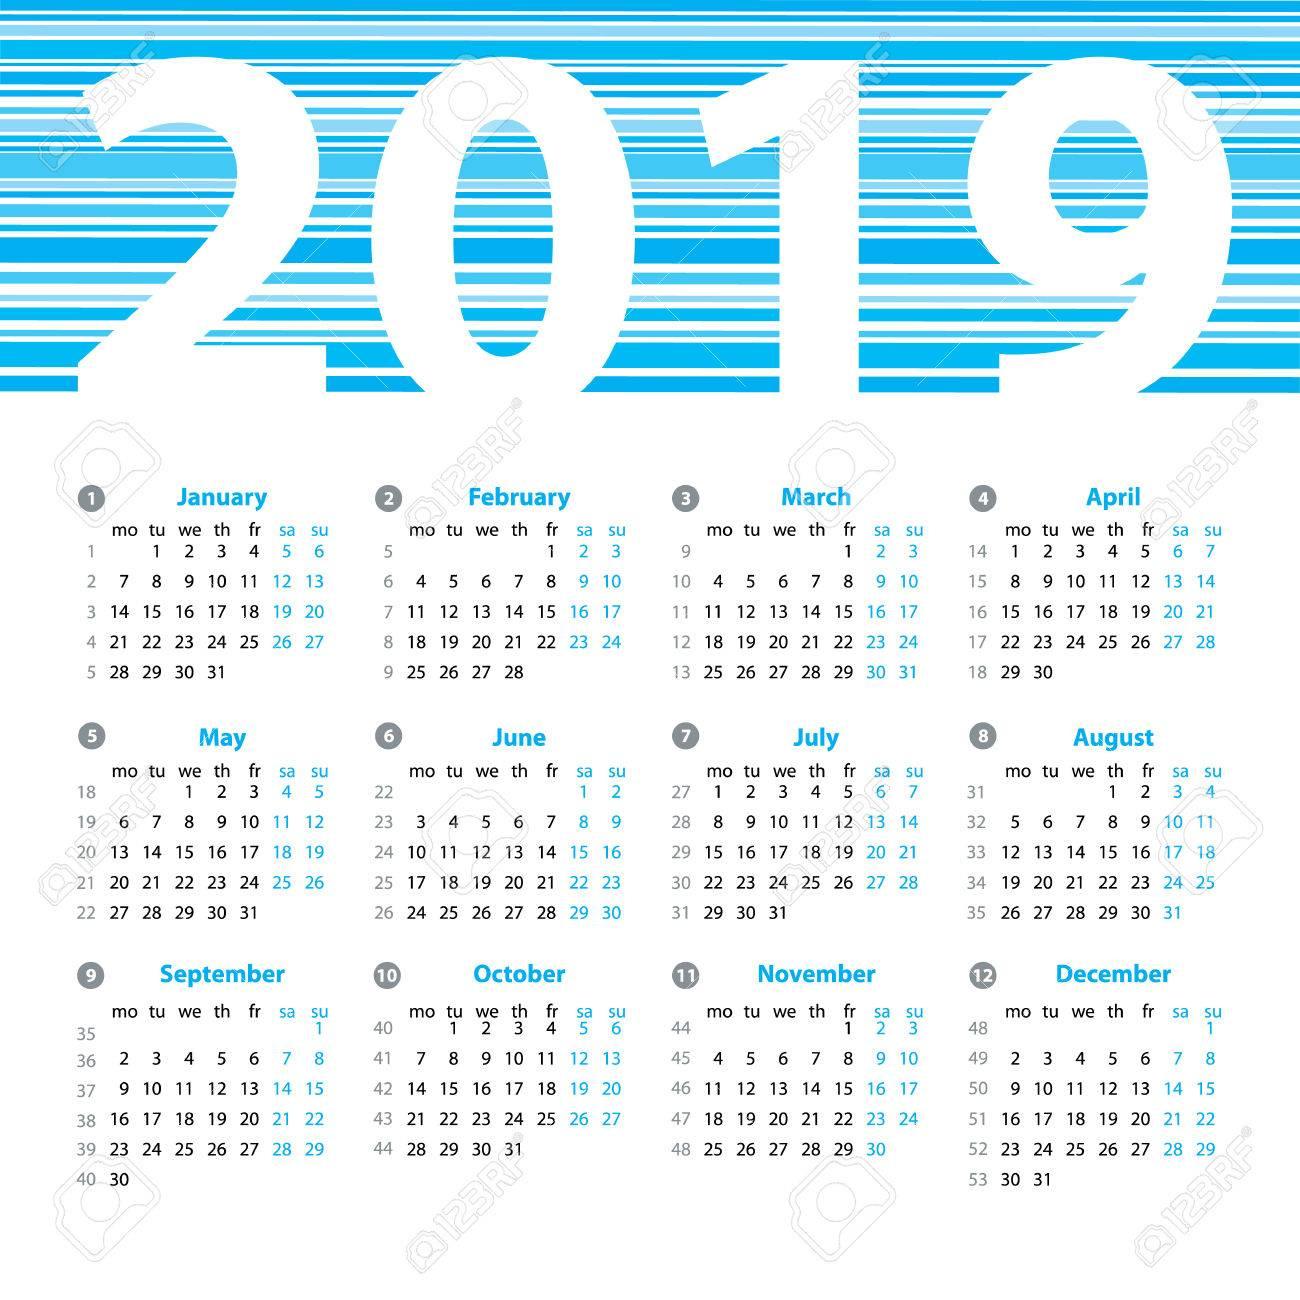 Calendrier 2019 Années Modèle De Dessin Vectoriel Avec Des Numéros De  Semaine Et Mois. Belle Conception De Vecteur. tout Calendrier 2019 Avec Semaine